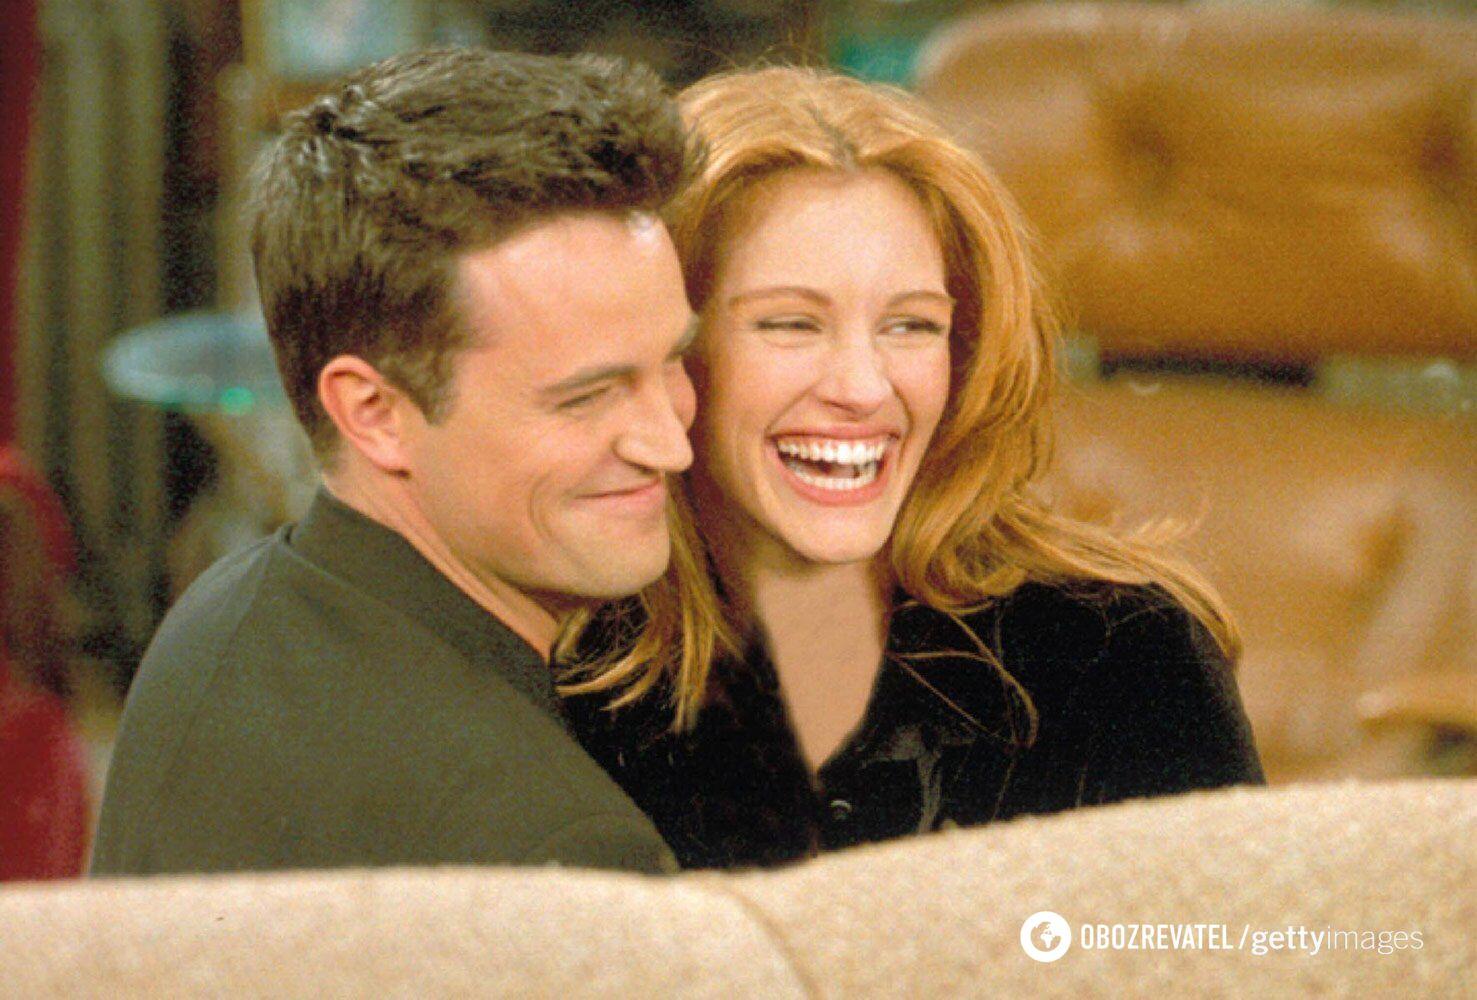 Метью Перрі з Джулією Робертс на зйомках у серіалі.